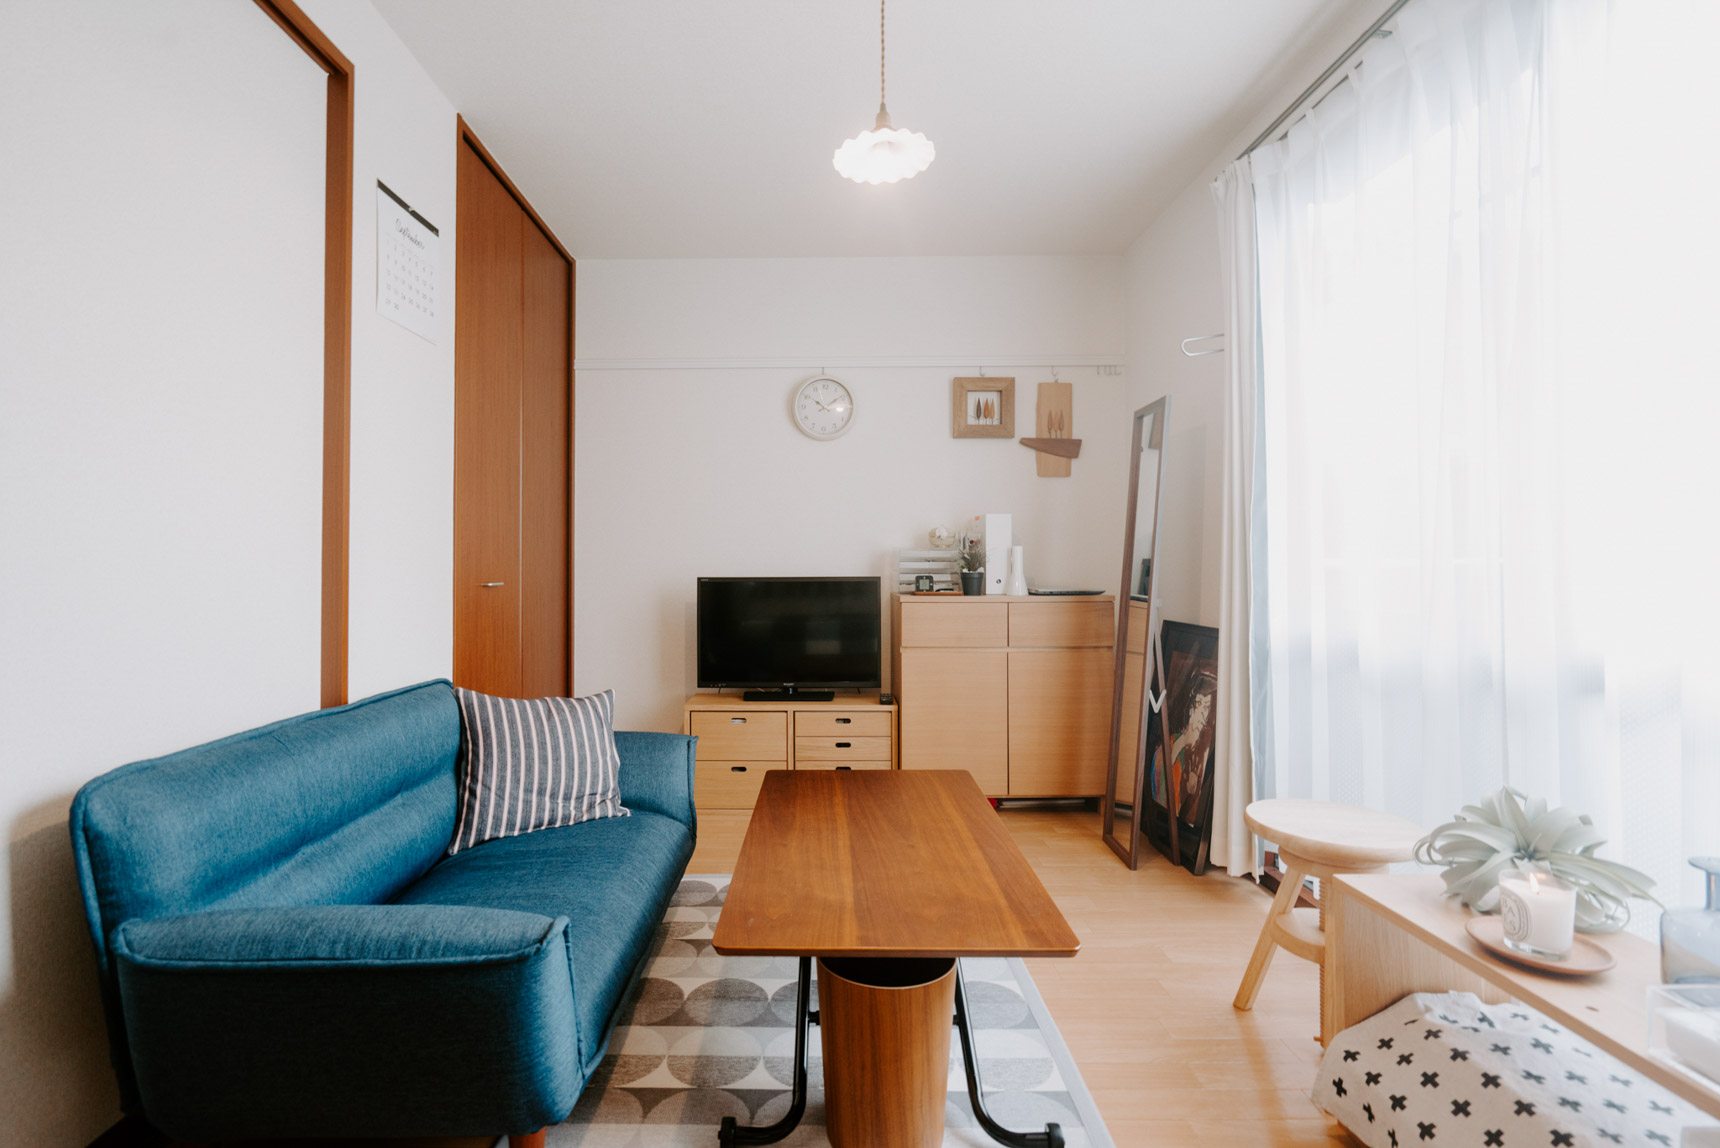 ベッドの対面にあるのは、無印良品の家具。床と色味が揃っていてすっきり見えます。